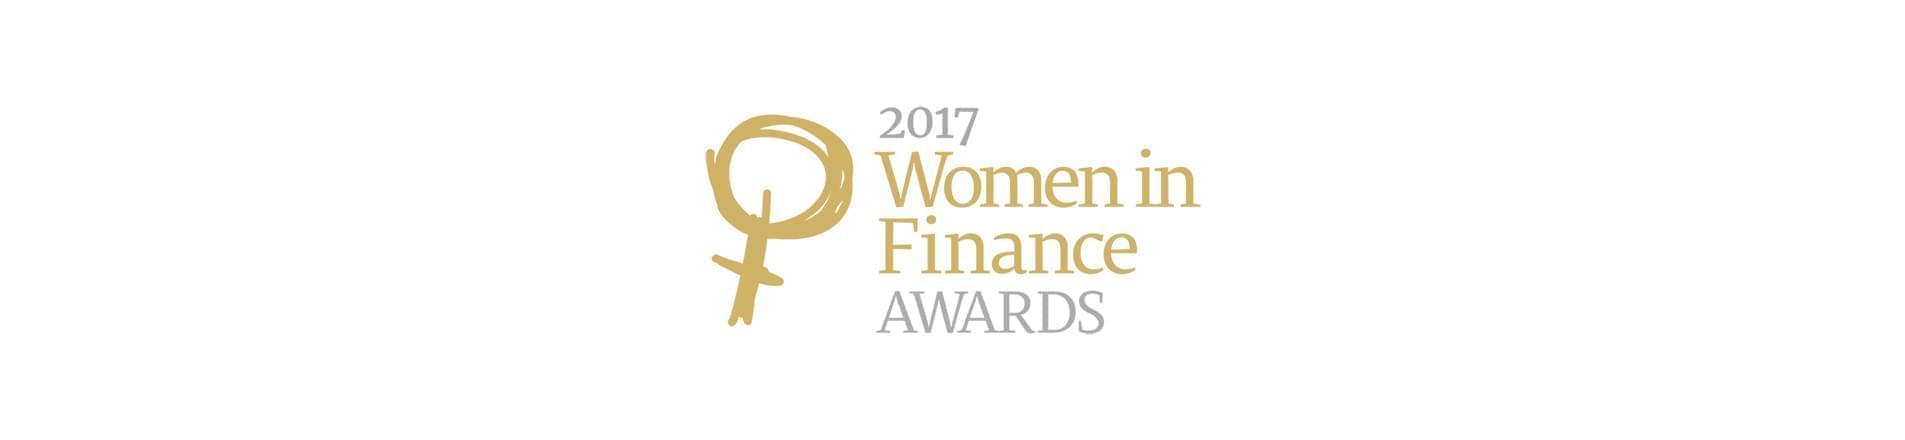 2017 Women in Finance Awards Logo